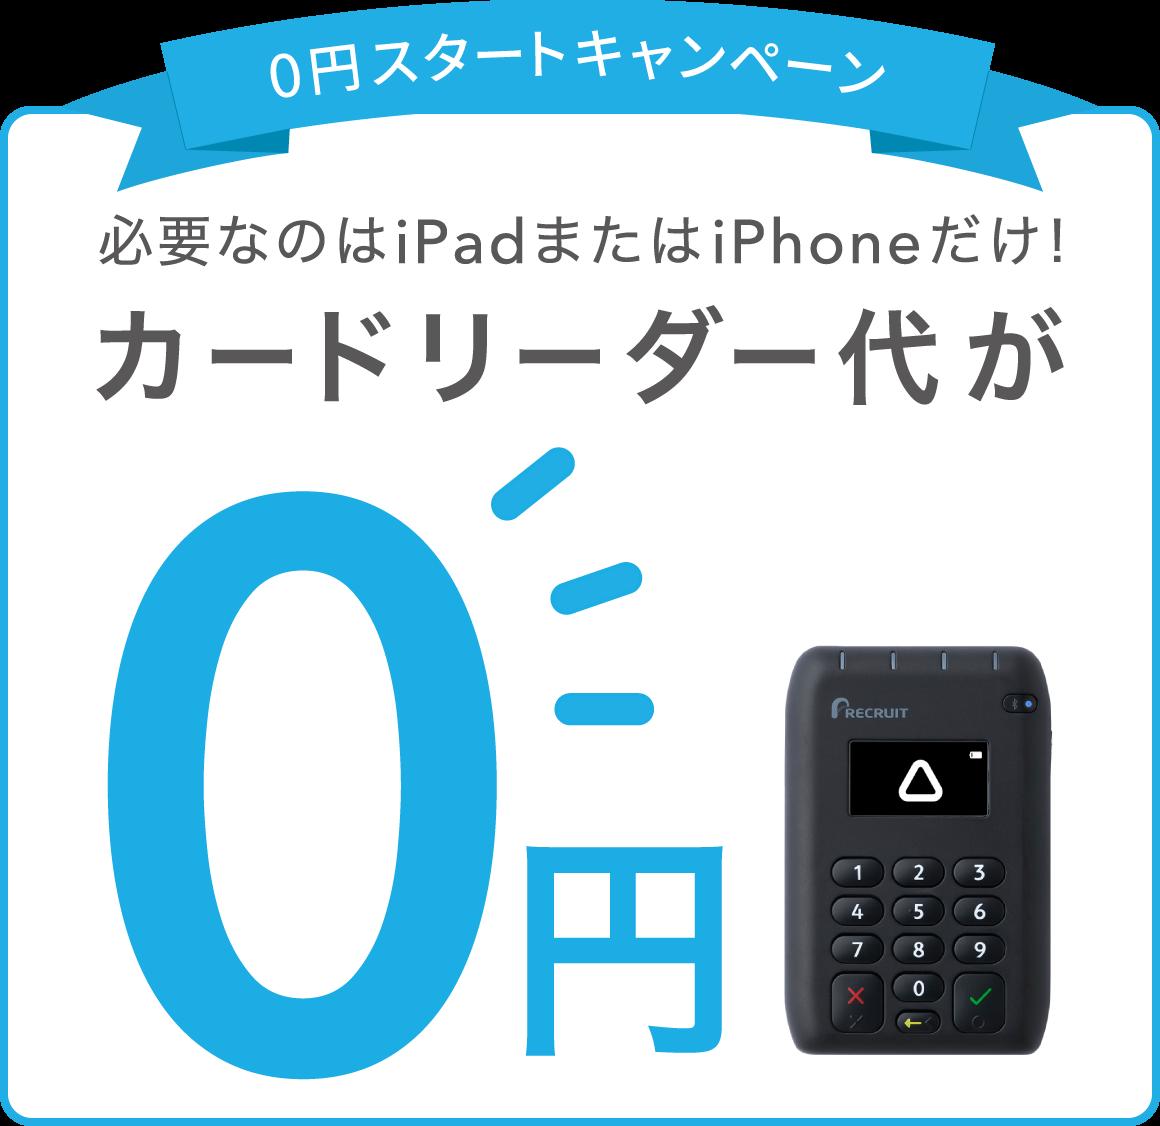 はじめるなら今しかない キャッシュレス0円キャンペーン 決済端末費用0円